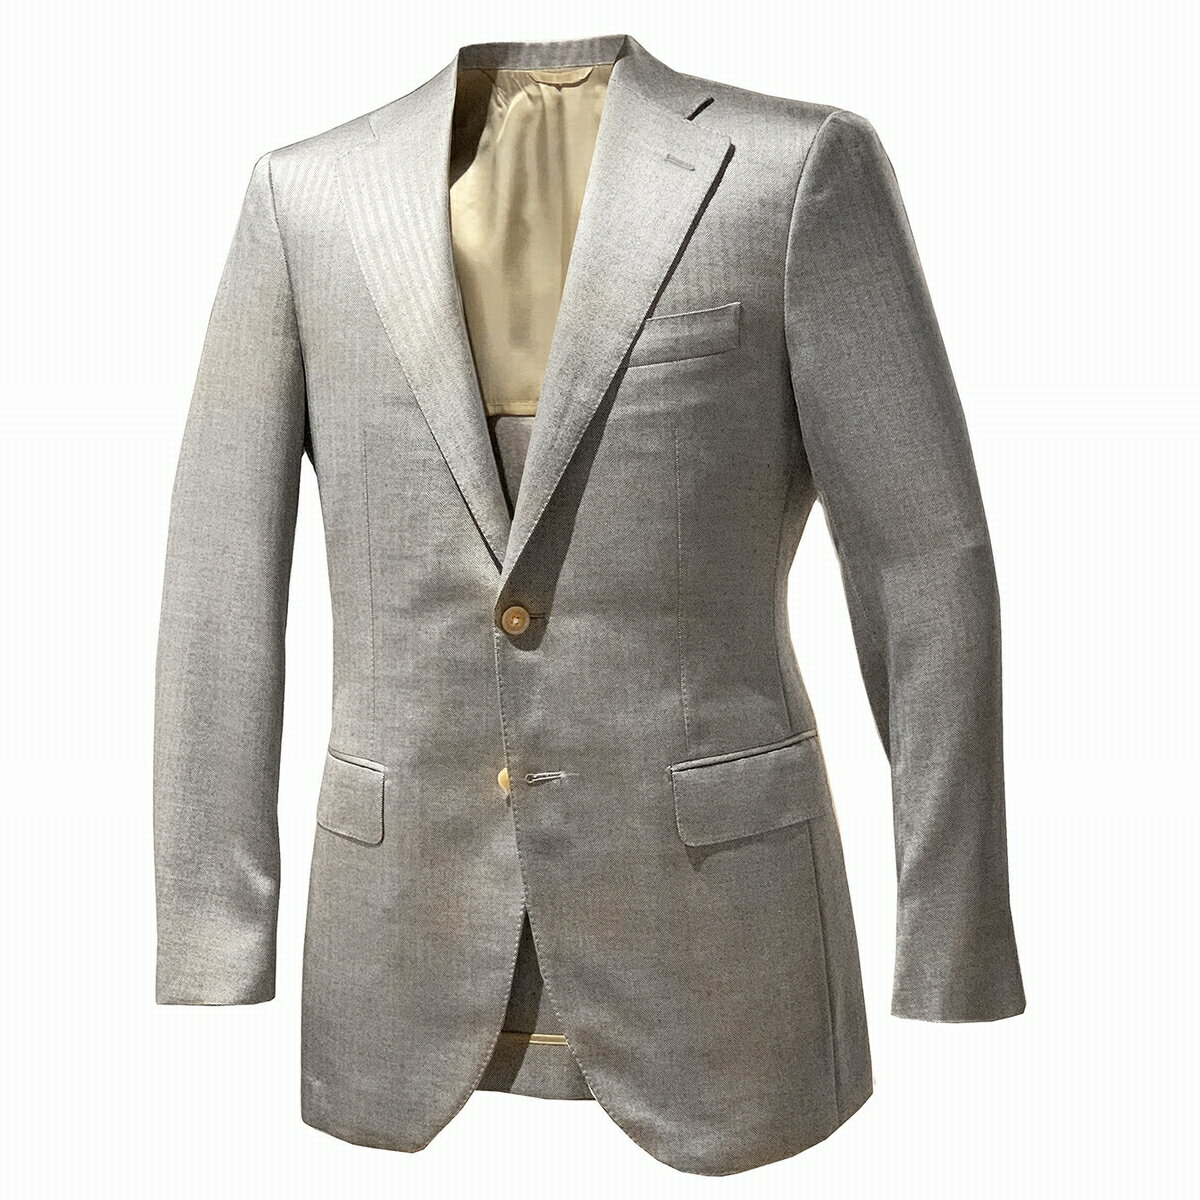 HIKO (ヒコオリジナル) テーラードジャケット 春夏 メンズ カジュアル グレー シルク ウール 大きいサイズ 2つボタン 2B 背抜き おしゃれ 白蝶貝ボタン